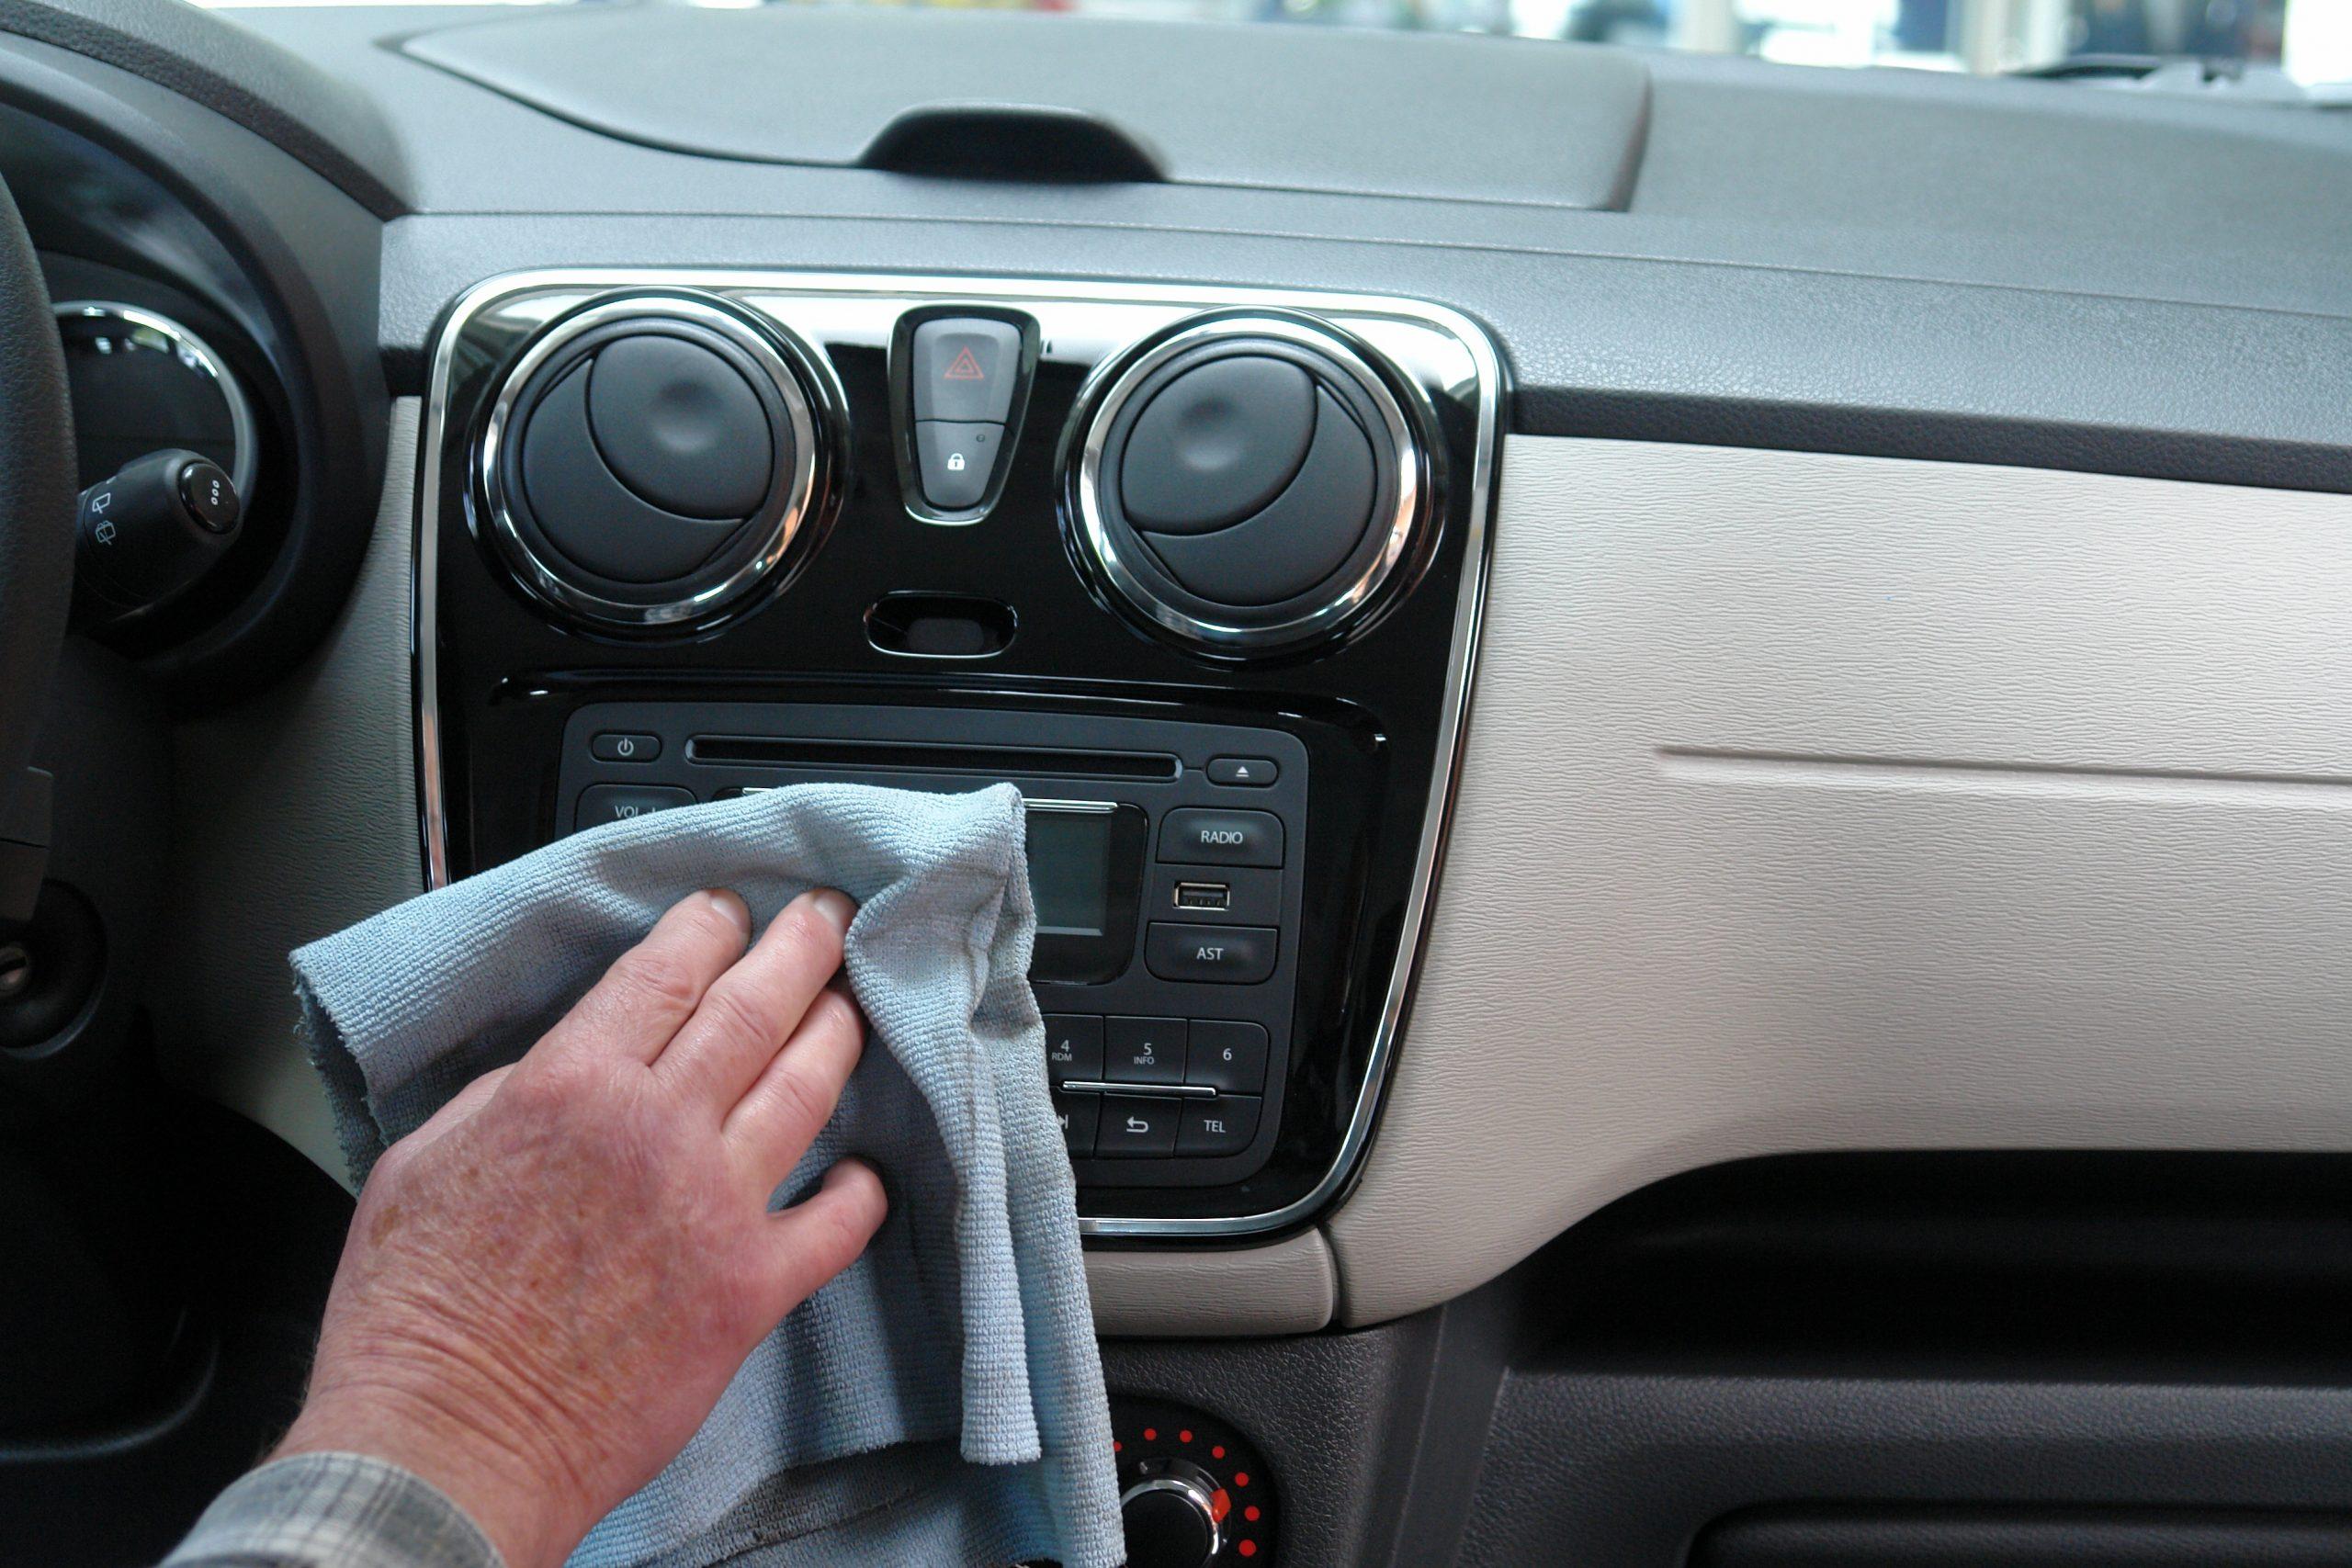 Dicas para limpar corretamente o carro